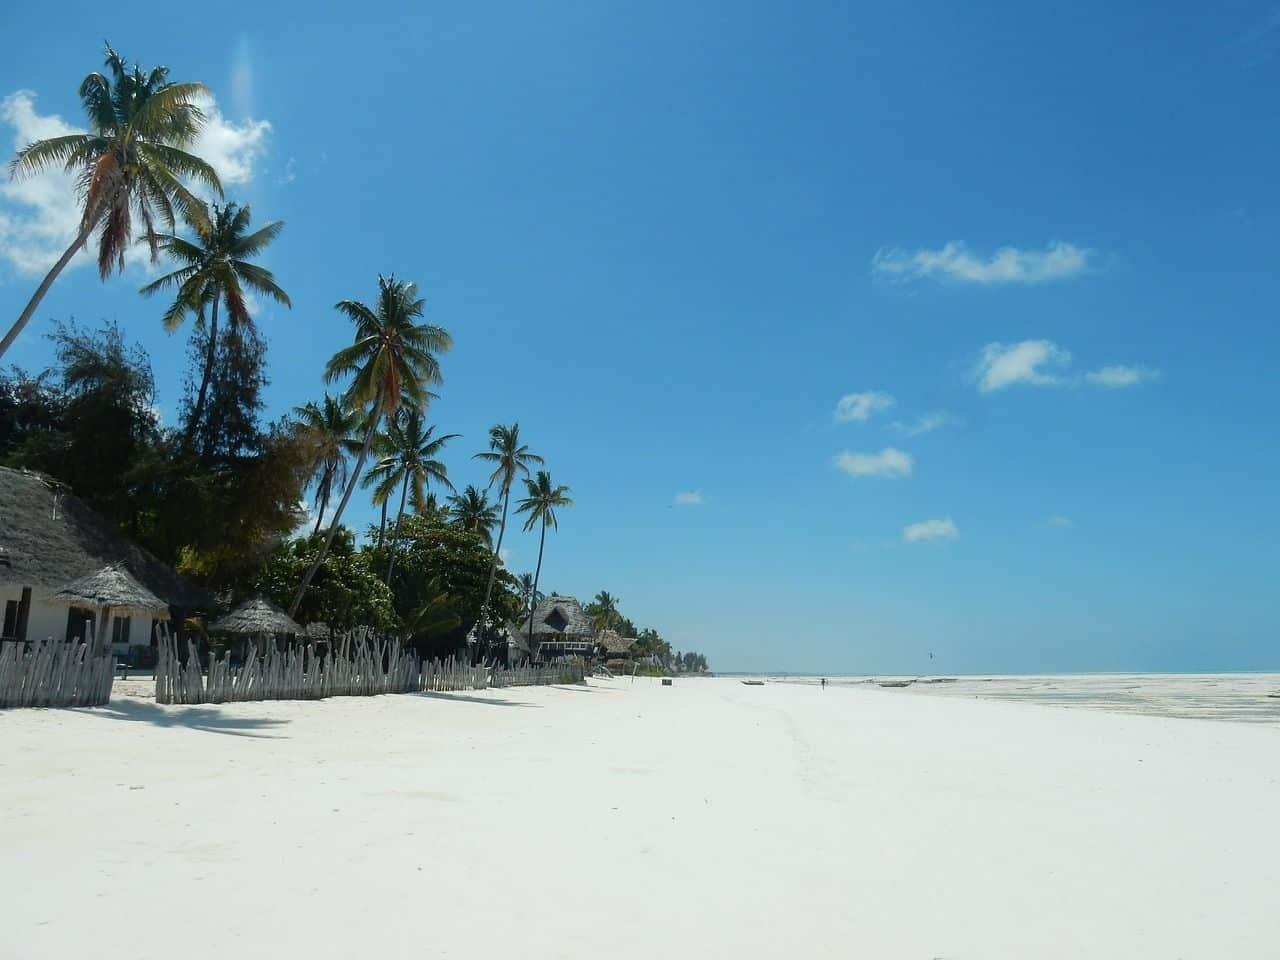 Vacances à Zanzibar : Top 7 Des Plus Belles Plages De Cette Destination